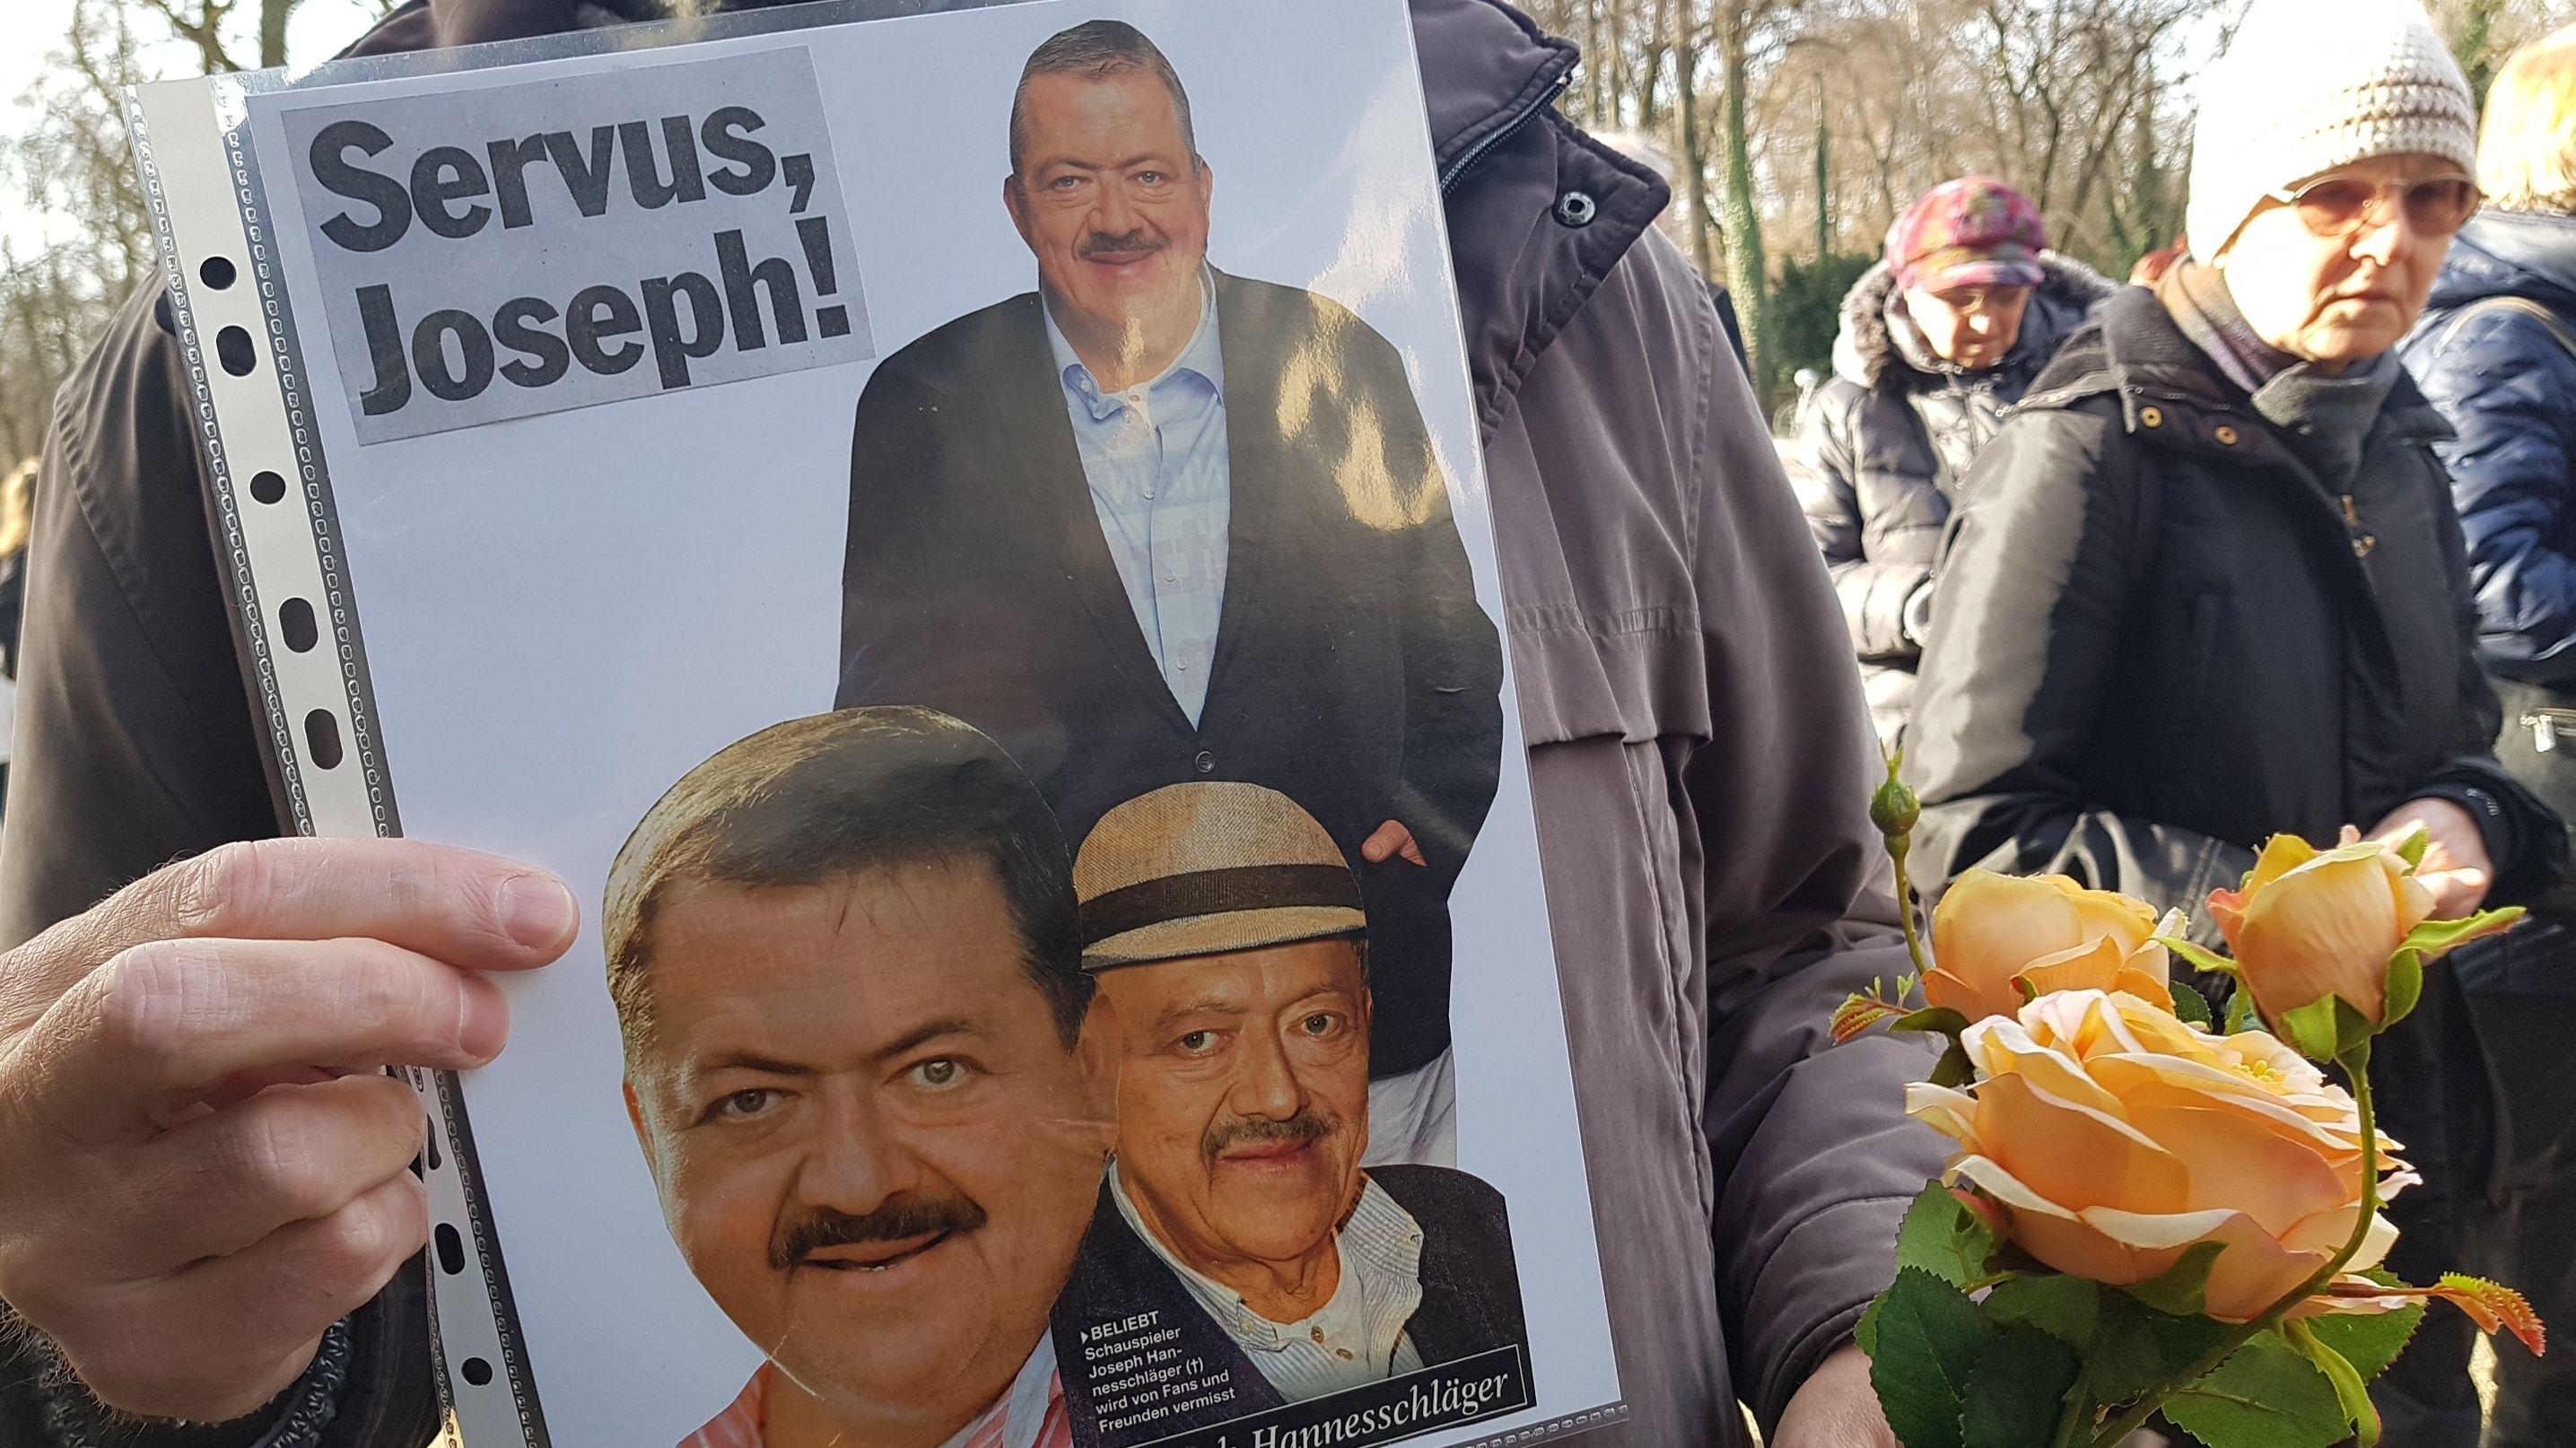 Ein Fan zeigt eine Folie mit ausgeschnittenen Bildern von Joseph Hannesschläger.